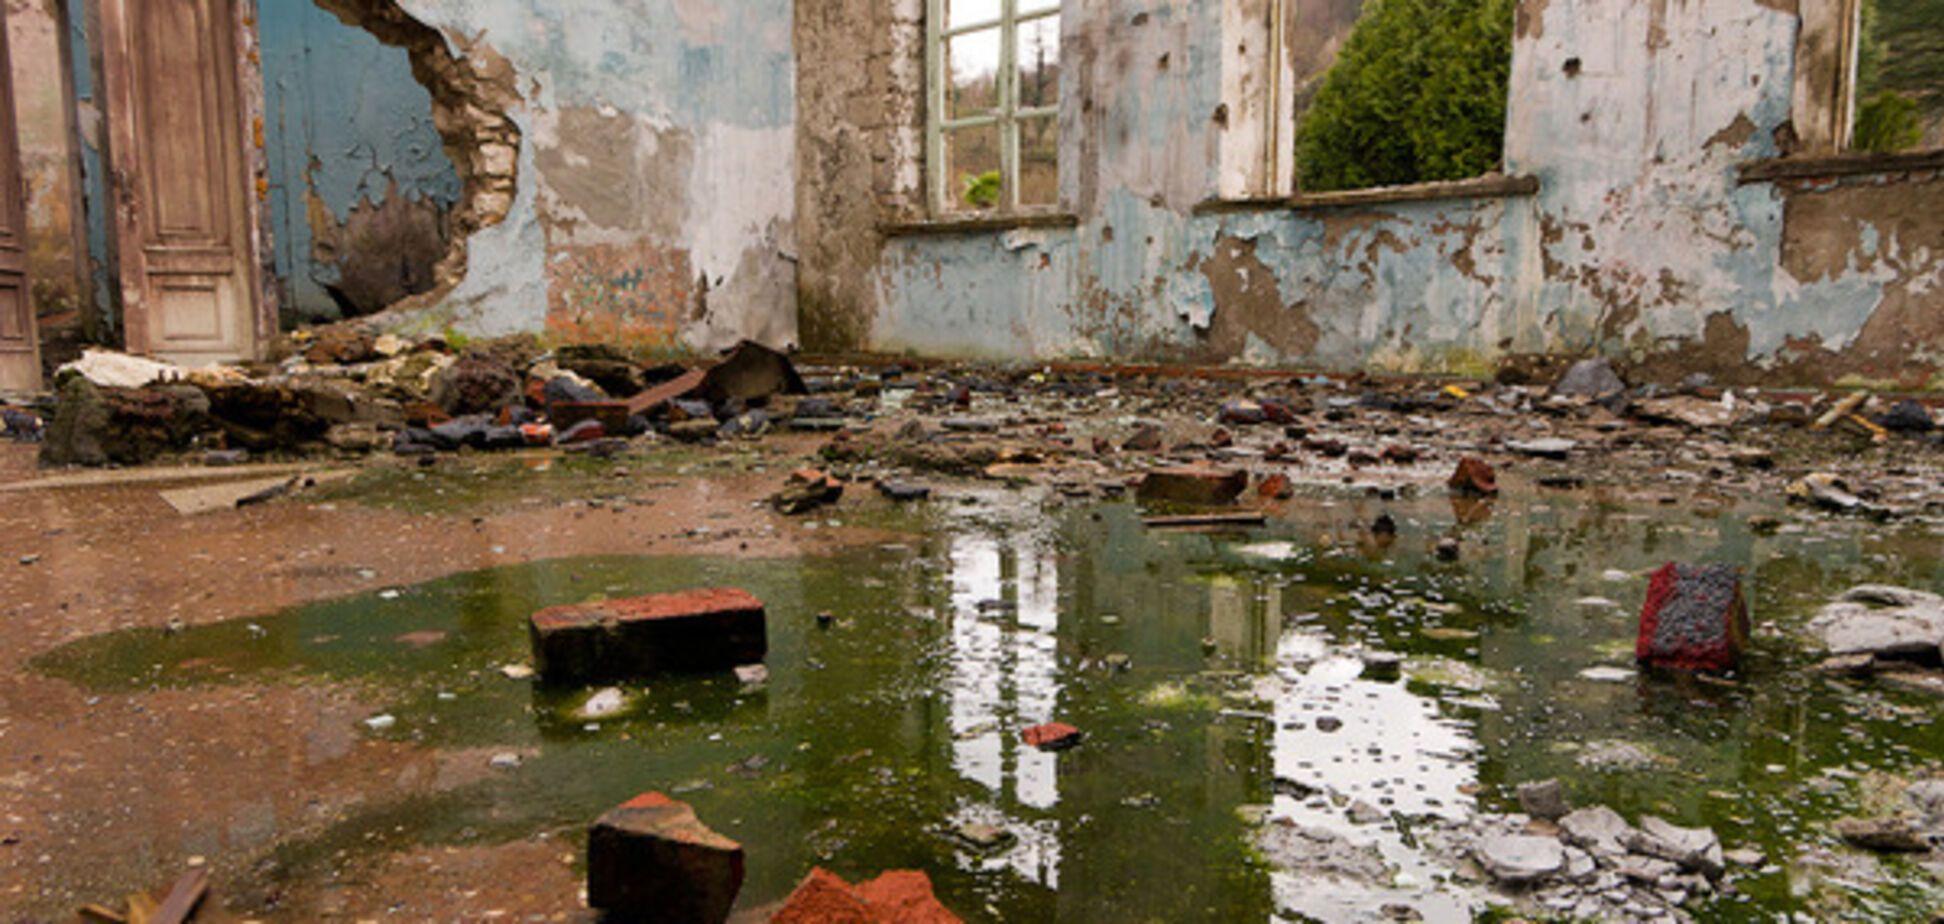 Урок для Крыма: как Абхазии живется под Россией. Фотоблог